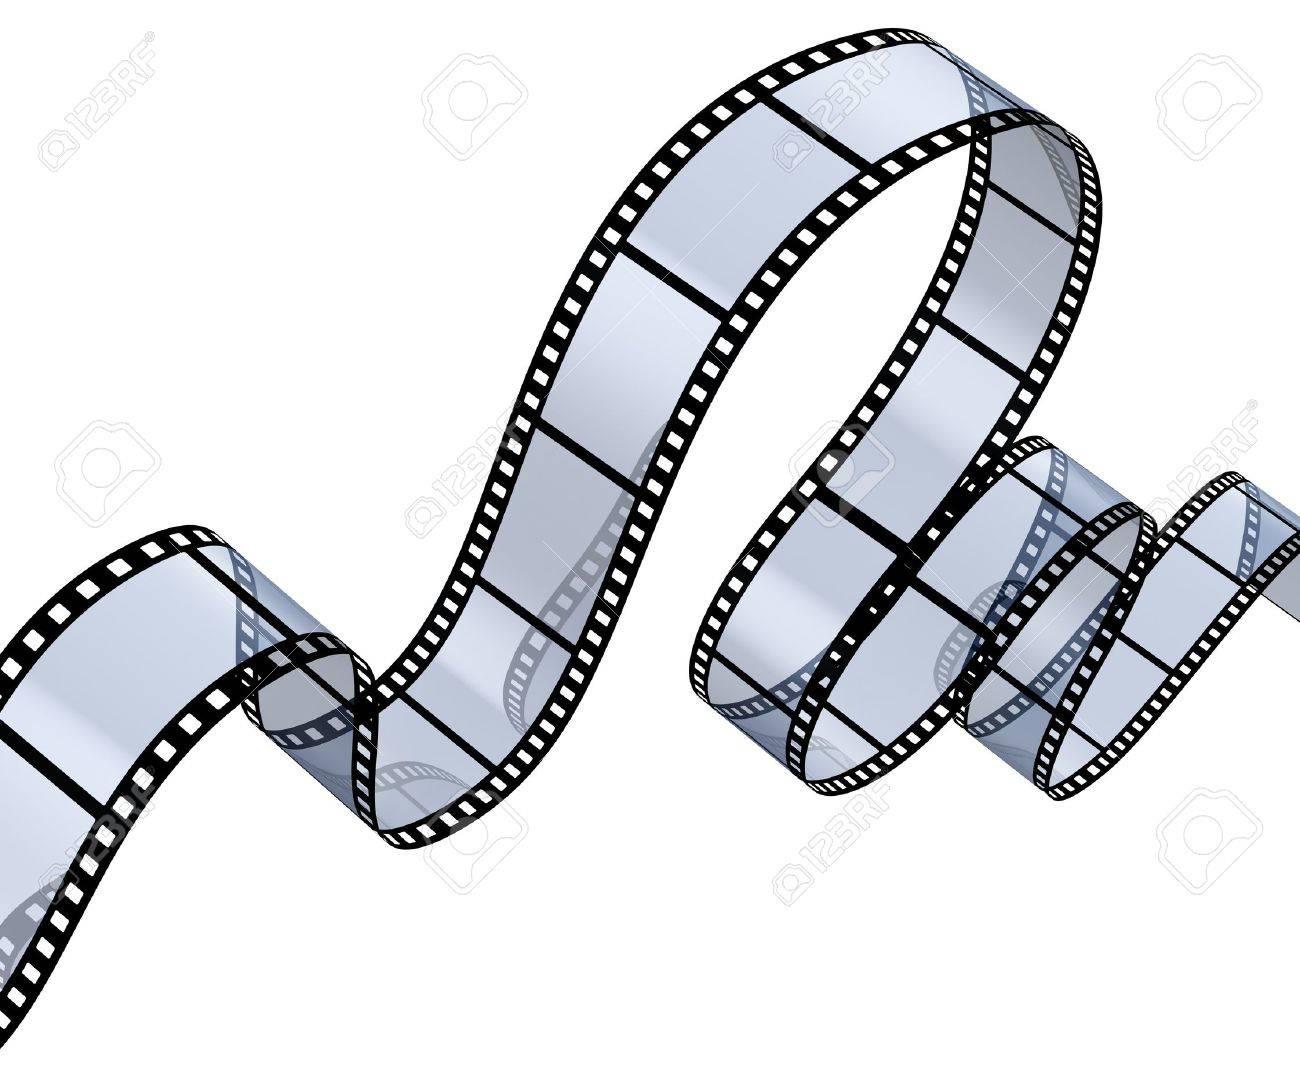 Film Clipart Transparent.